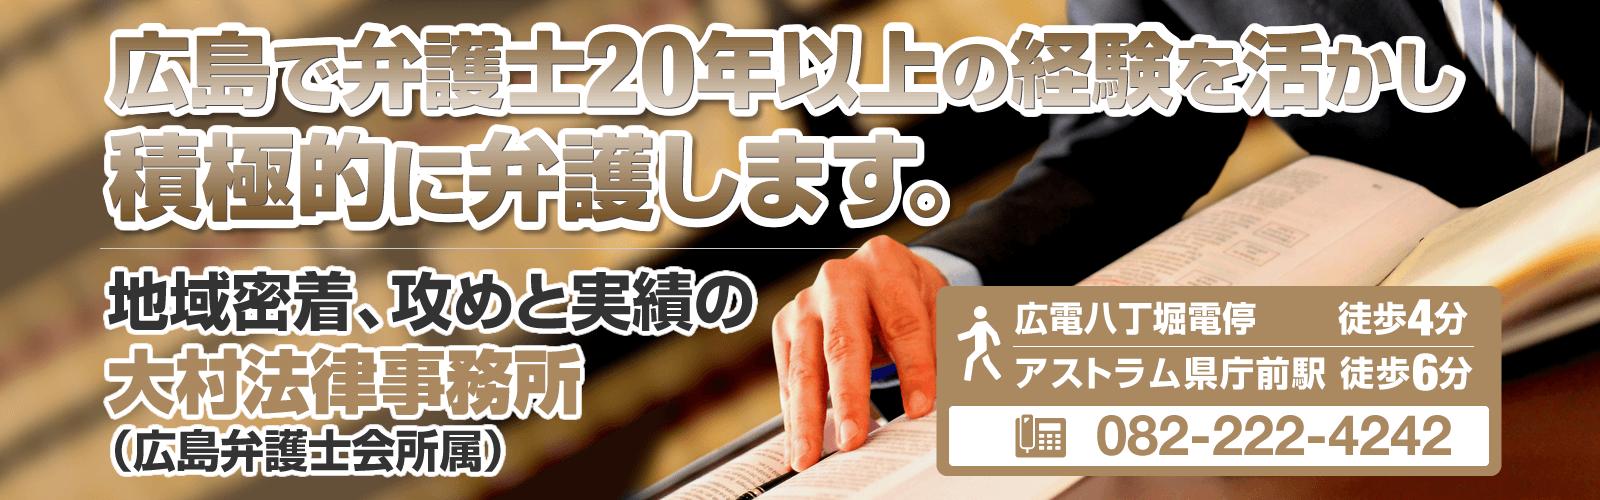 広島の弁護士20年以上の実績